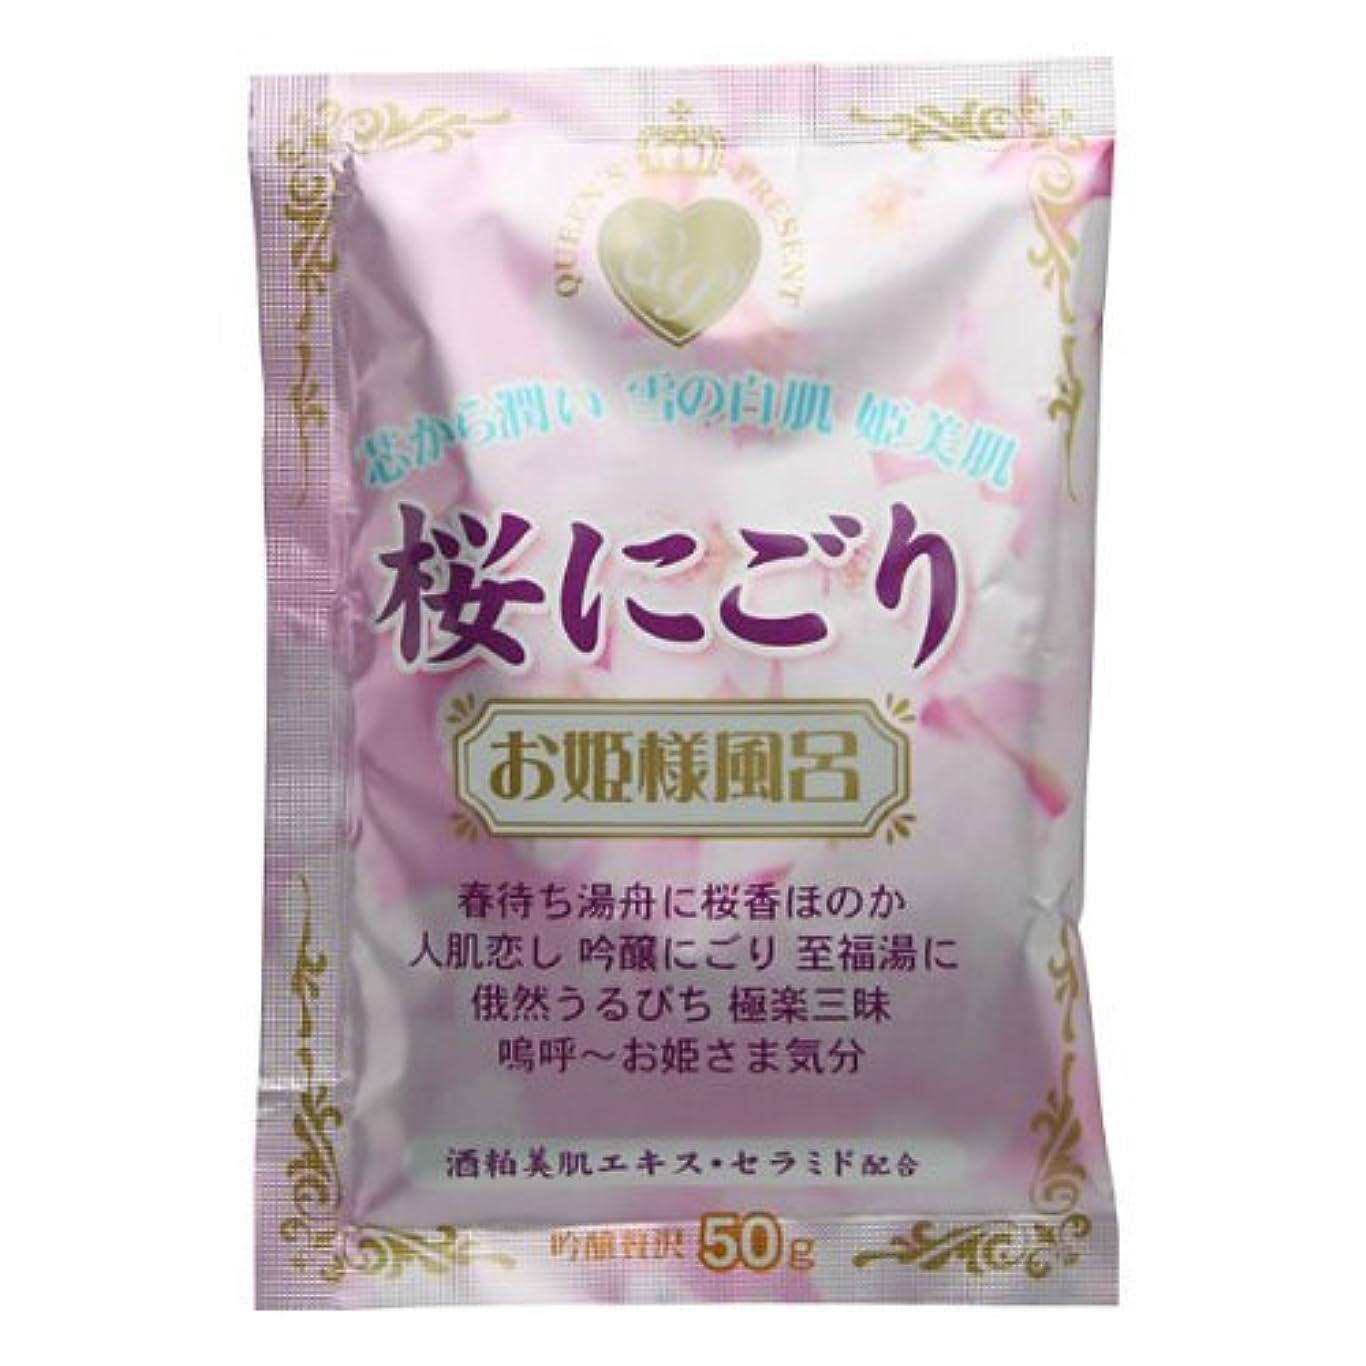 スマイル雇った足紀陽除虫菊 お姫様風呂  桜にごり【まとめ買い12個セット】 N-8179